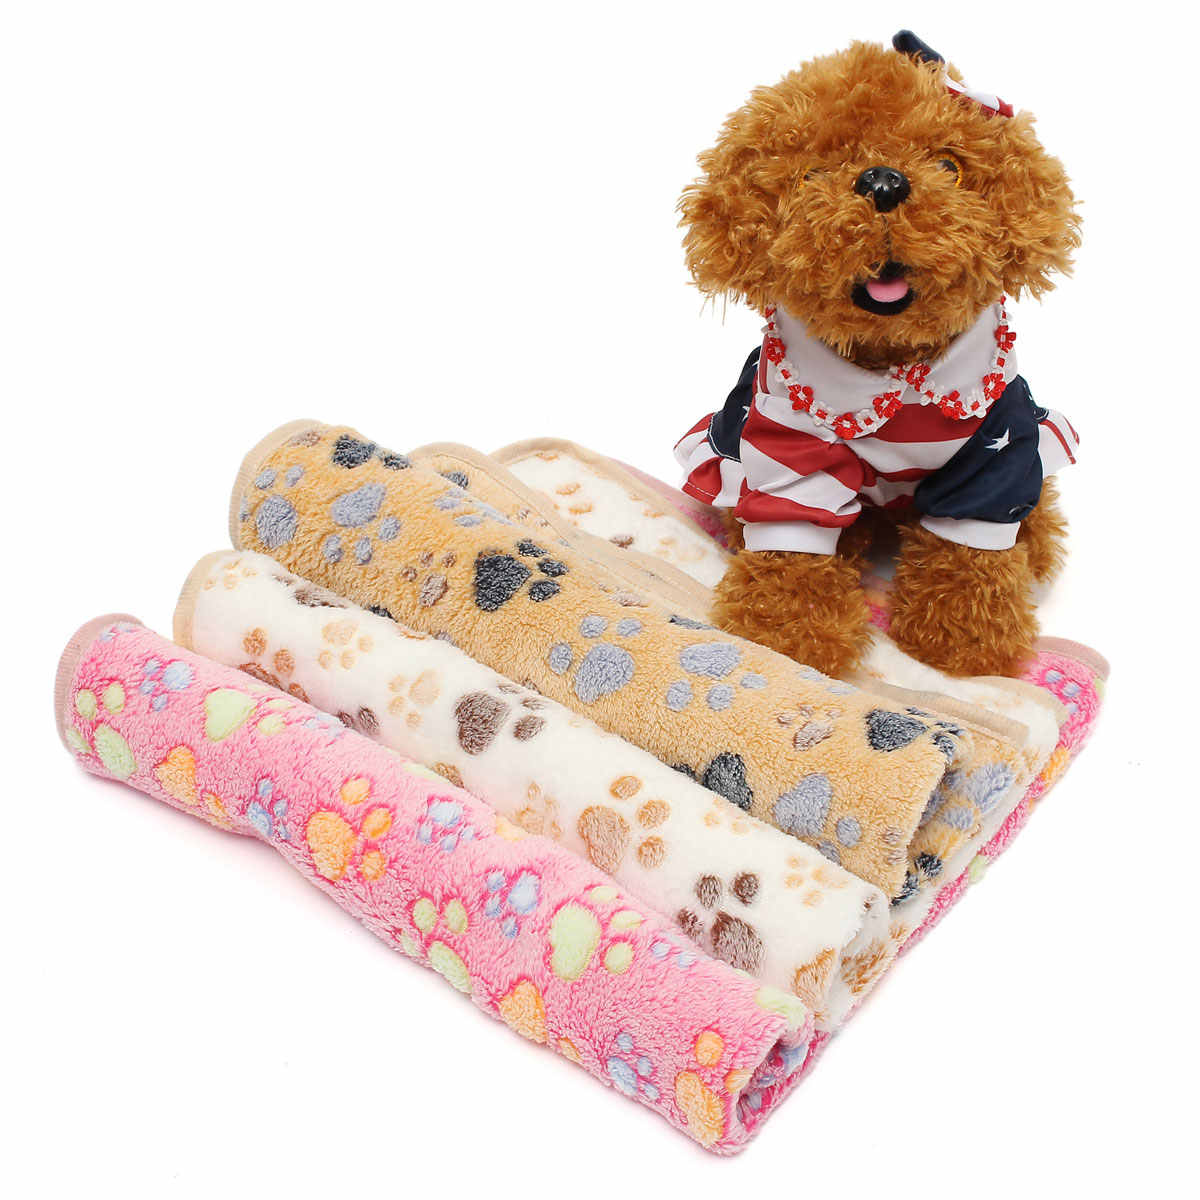 S サイズペットベッドマットソフト暖かい珊瑚のビロード足跡ペット子犬犬猫毛布ベッドマットソファペット暖かい製品クッションカバータオル